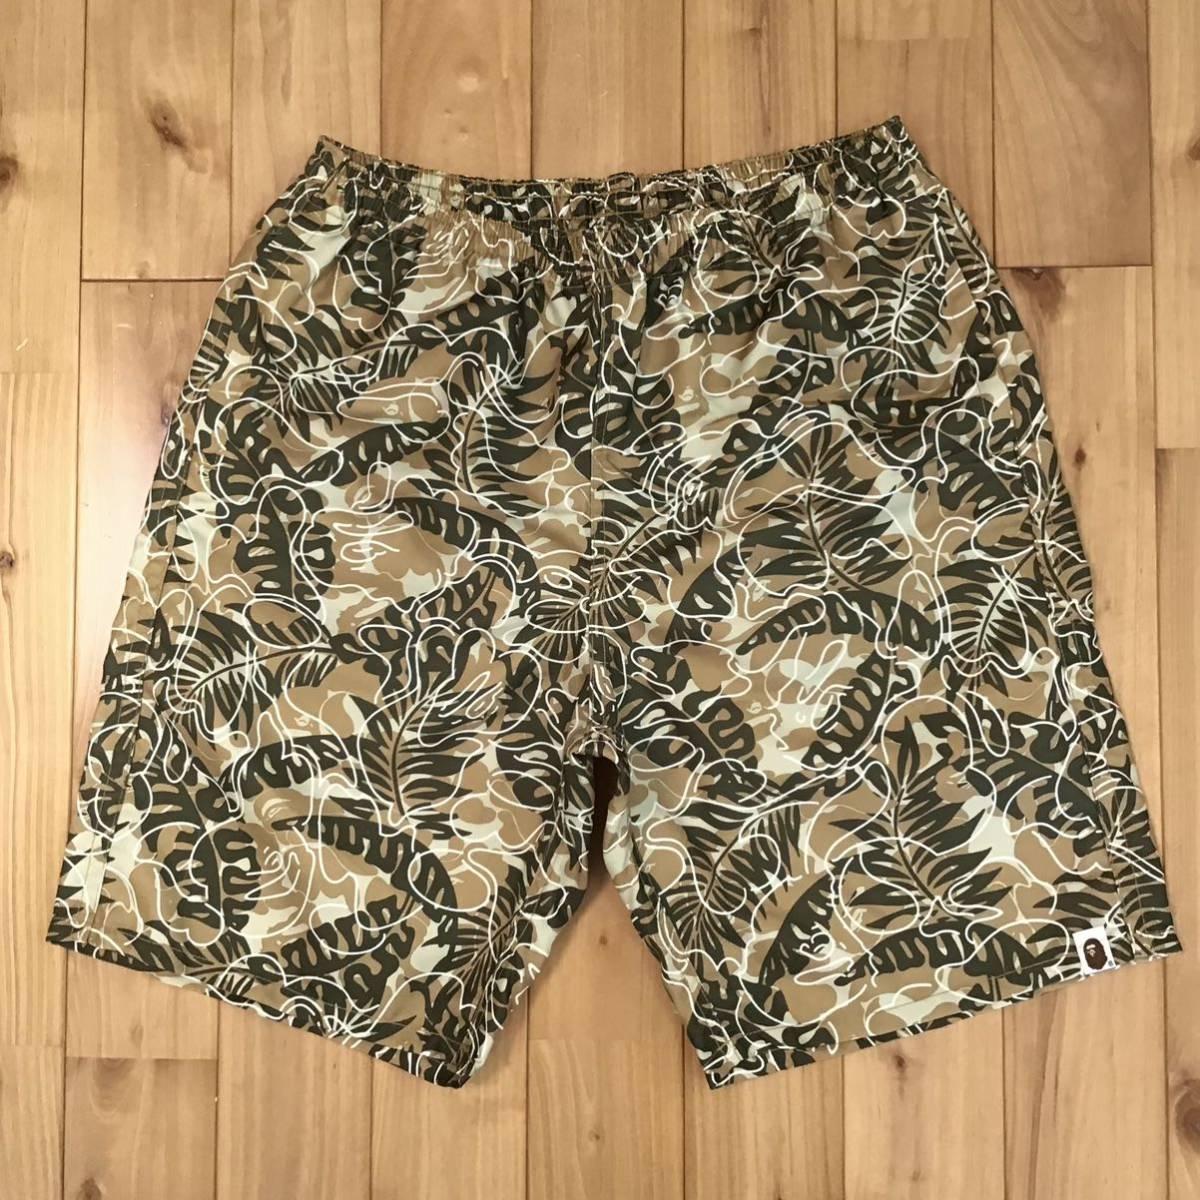 BAPE camo ナイロン ハーフパンツ Lサイズ a bathing ape shorts エイプ ベイプ アベイシングエイプ 迷彩 a805